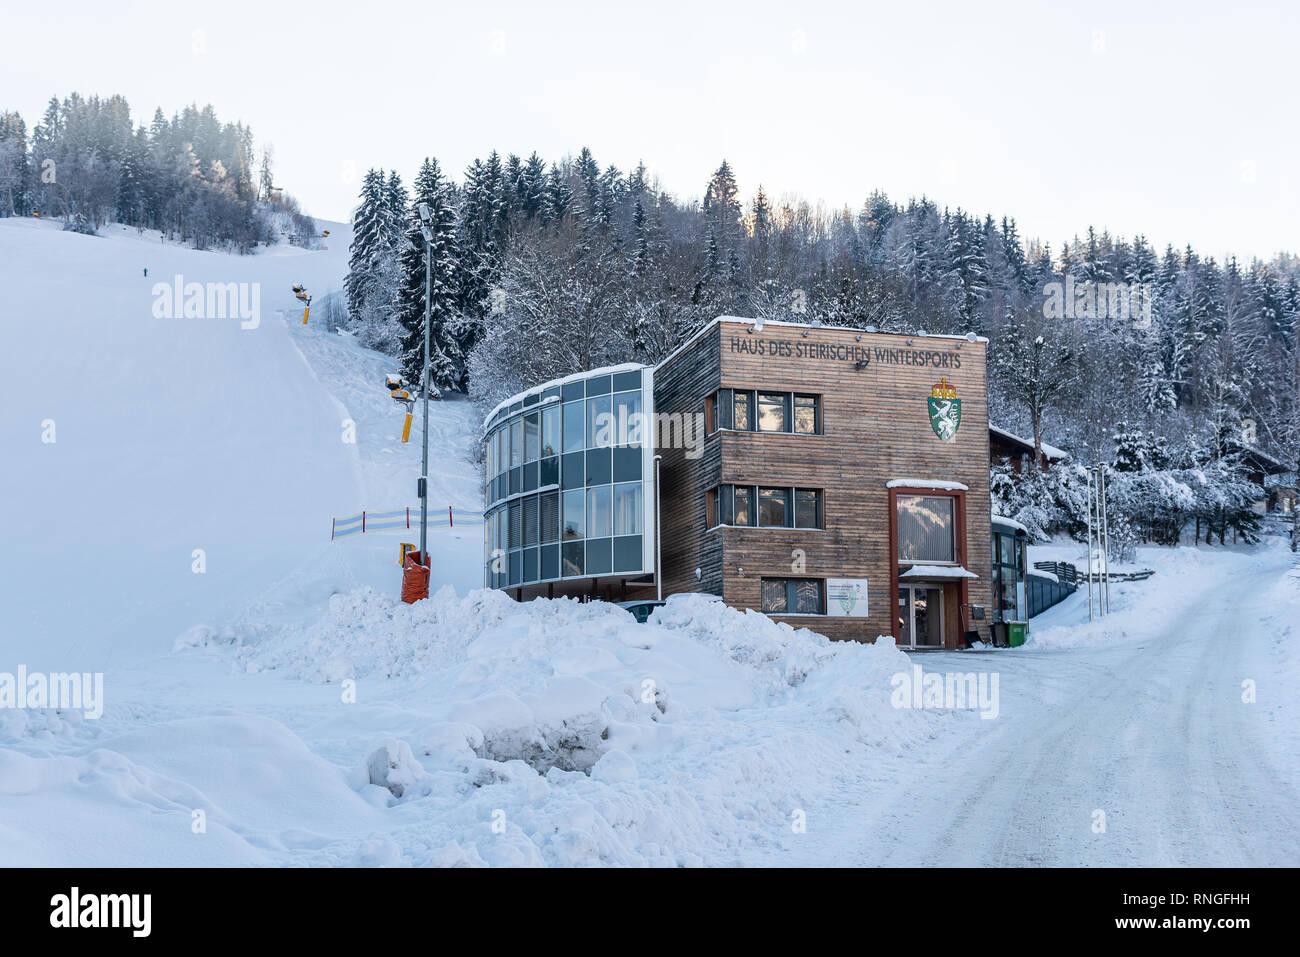 Haus des steirischen Wintersports - Hauser Kaibling - Österreichs Top Skigebiete, Schladminger miteinander 4 Berge, Haus im Ennstal, Ski amade Stockbild